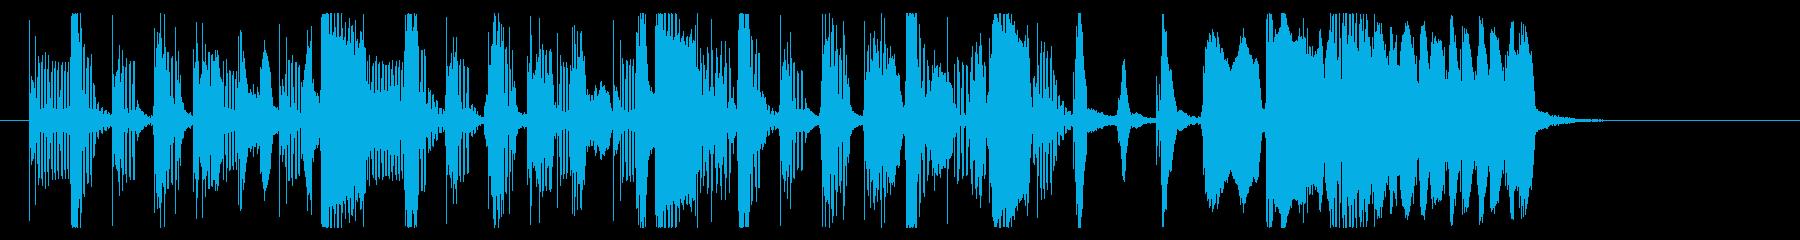 転換-トランジションなどに最適な陽気な曲の再生済みの波形